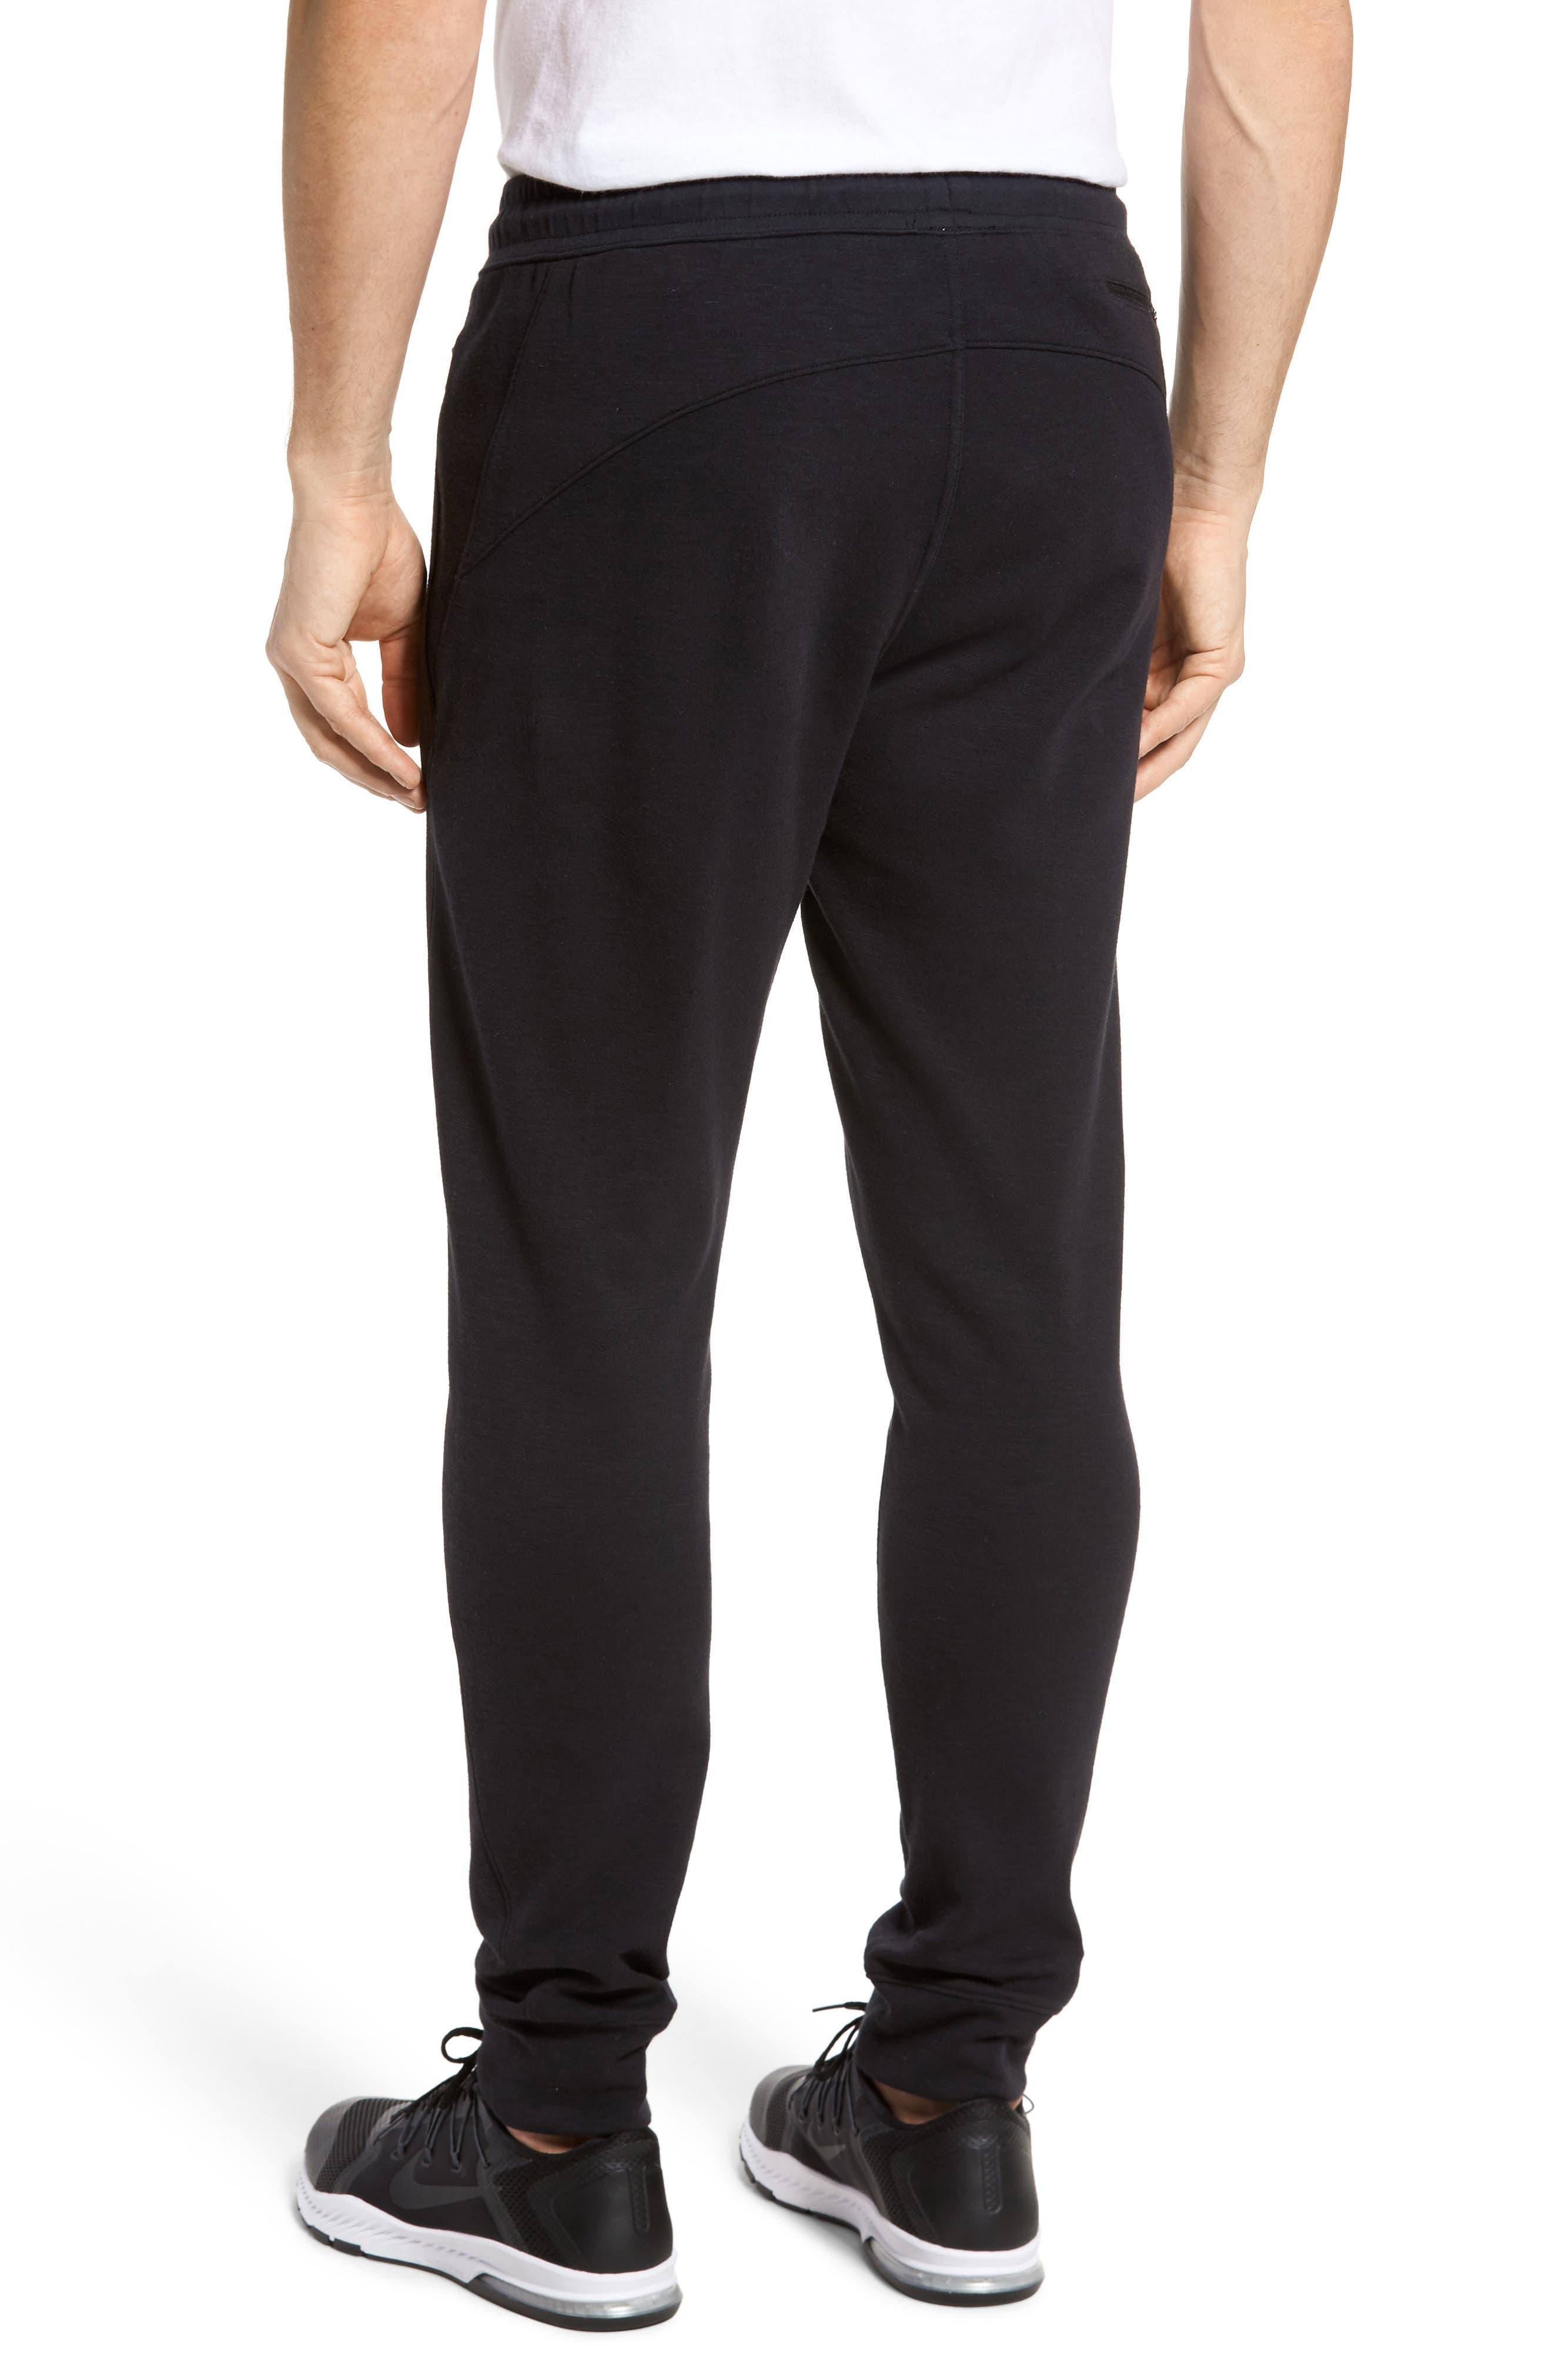 ZELLA, Magnetite Fleece Jogger Pants, Alternate thumbnail 2, color, 001